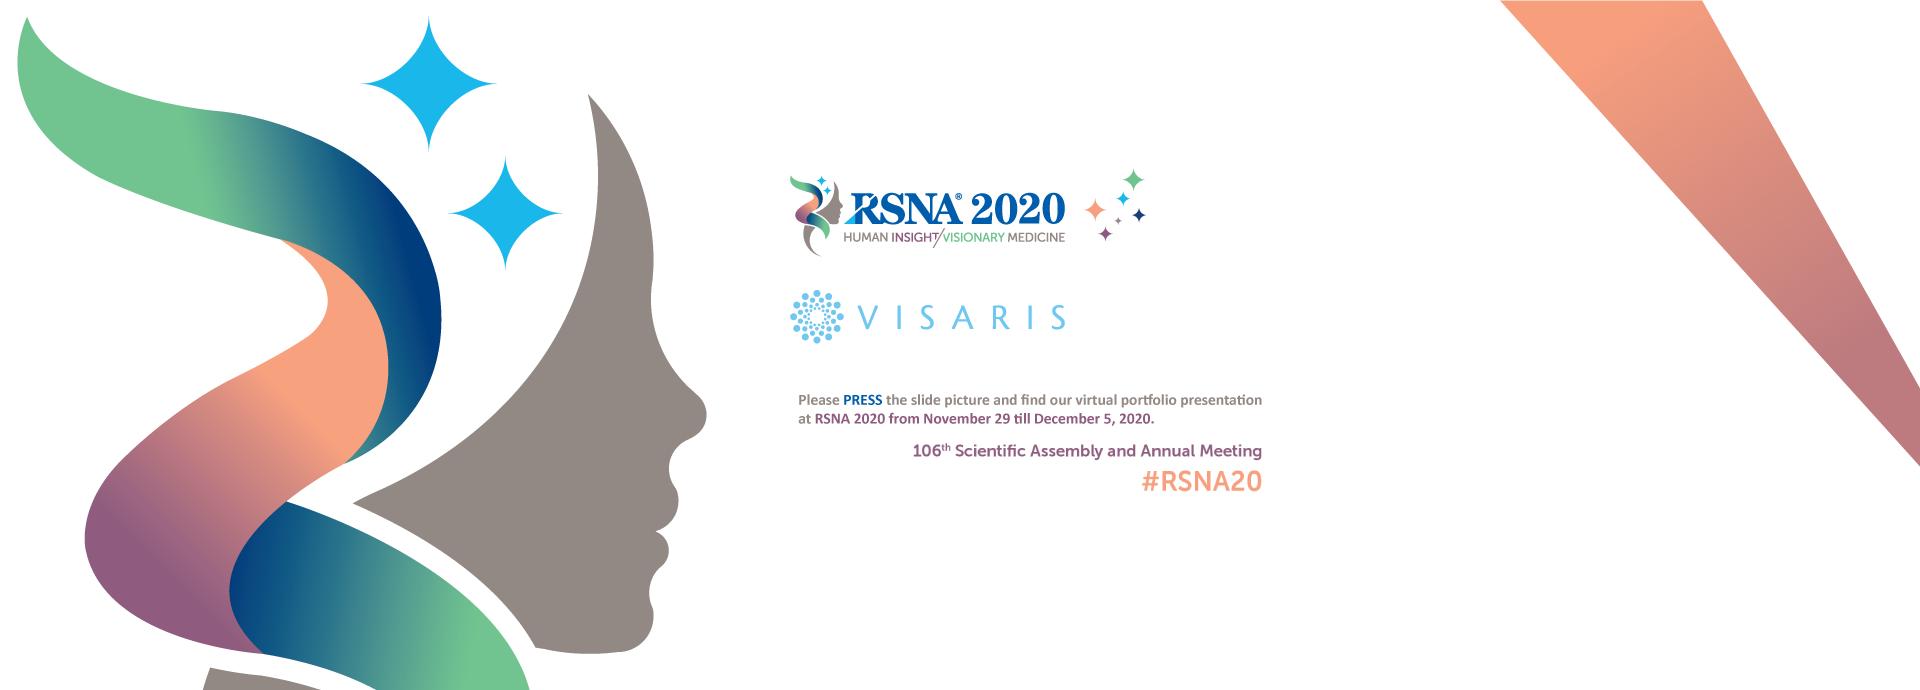 rsna-2020-web-site-najava-1920×690-01